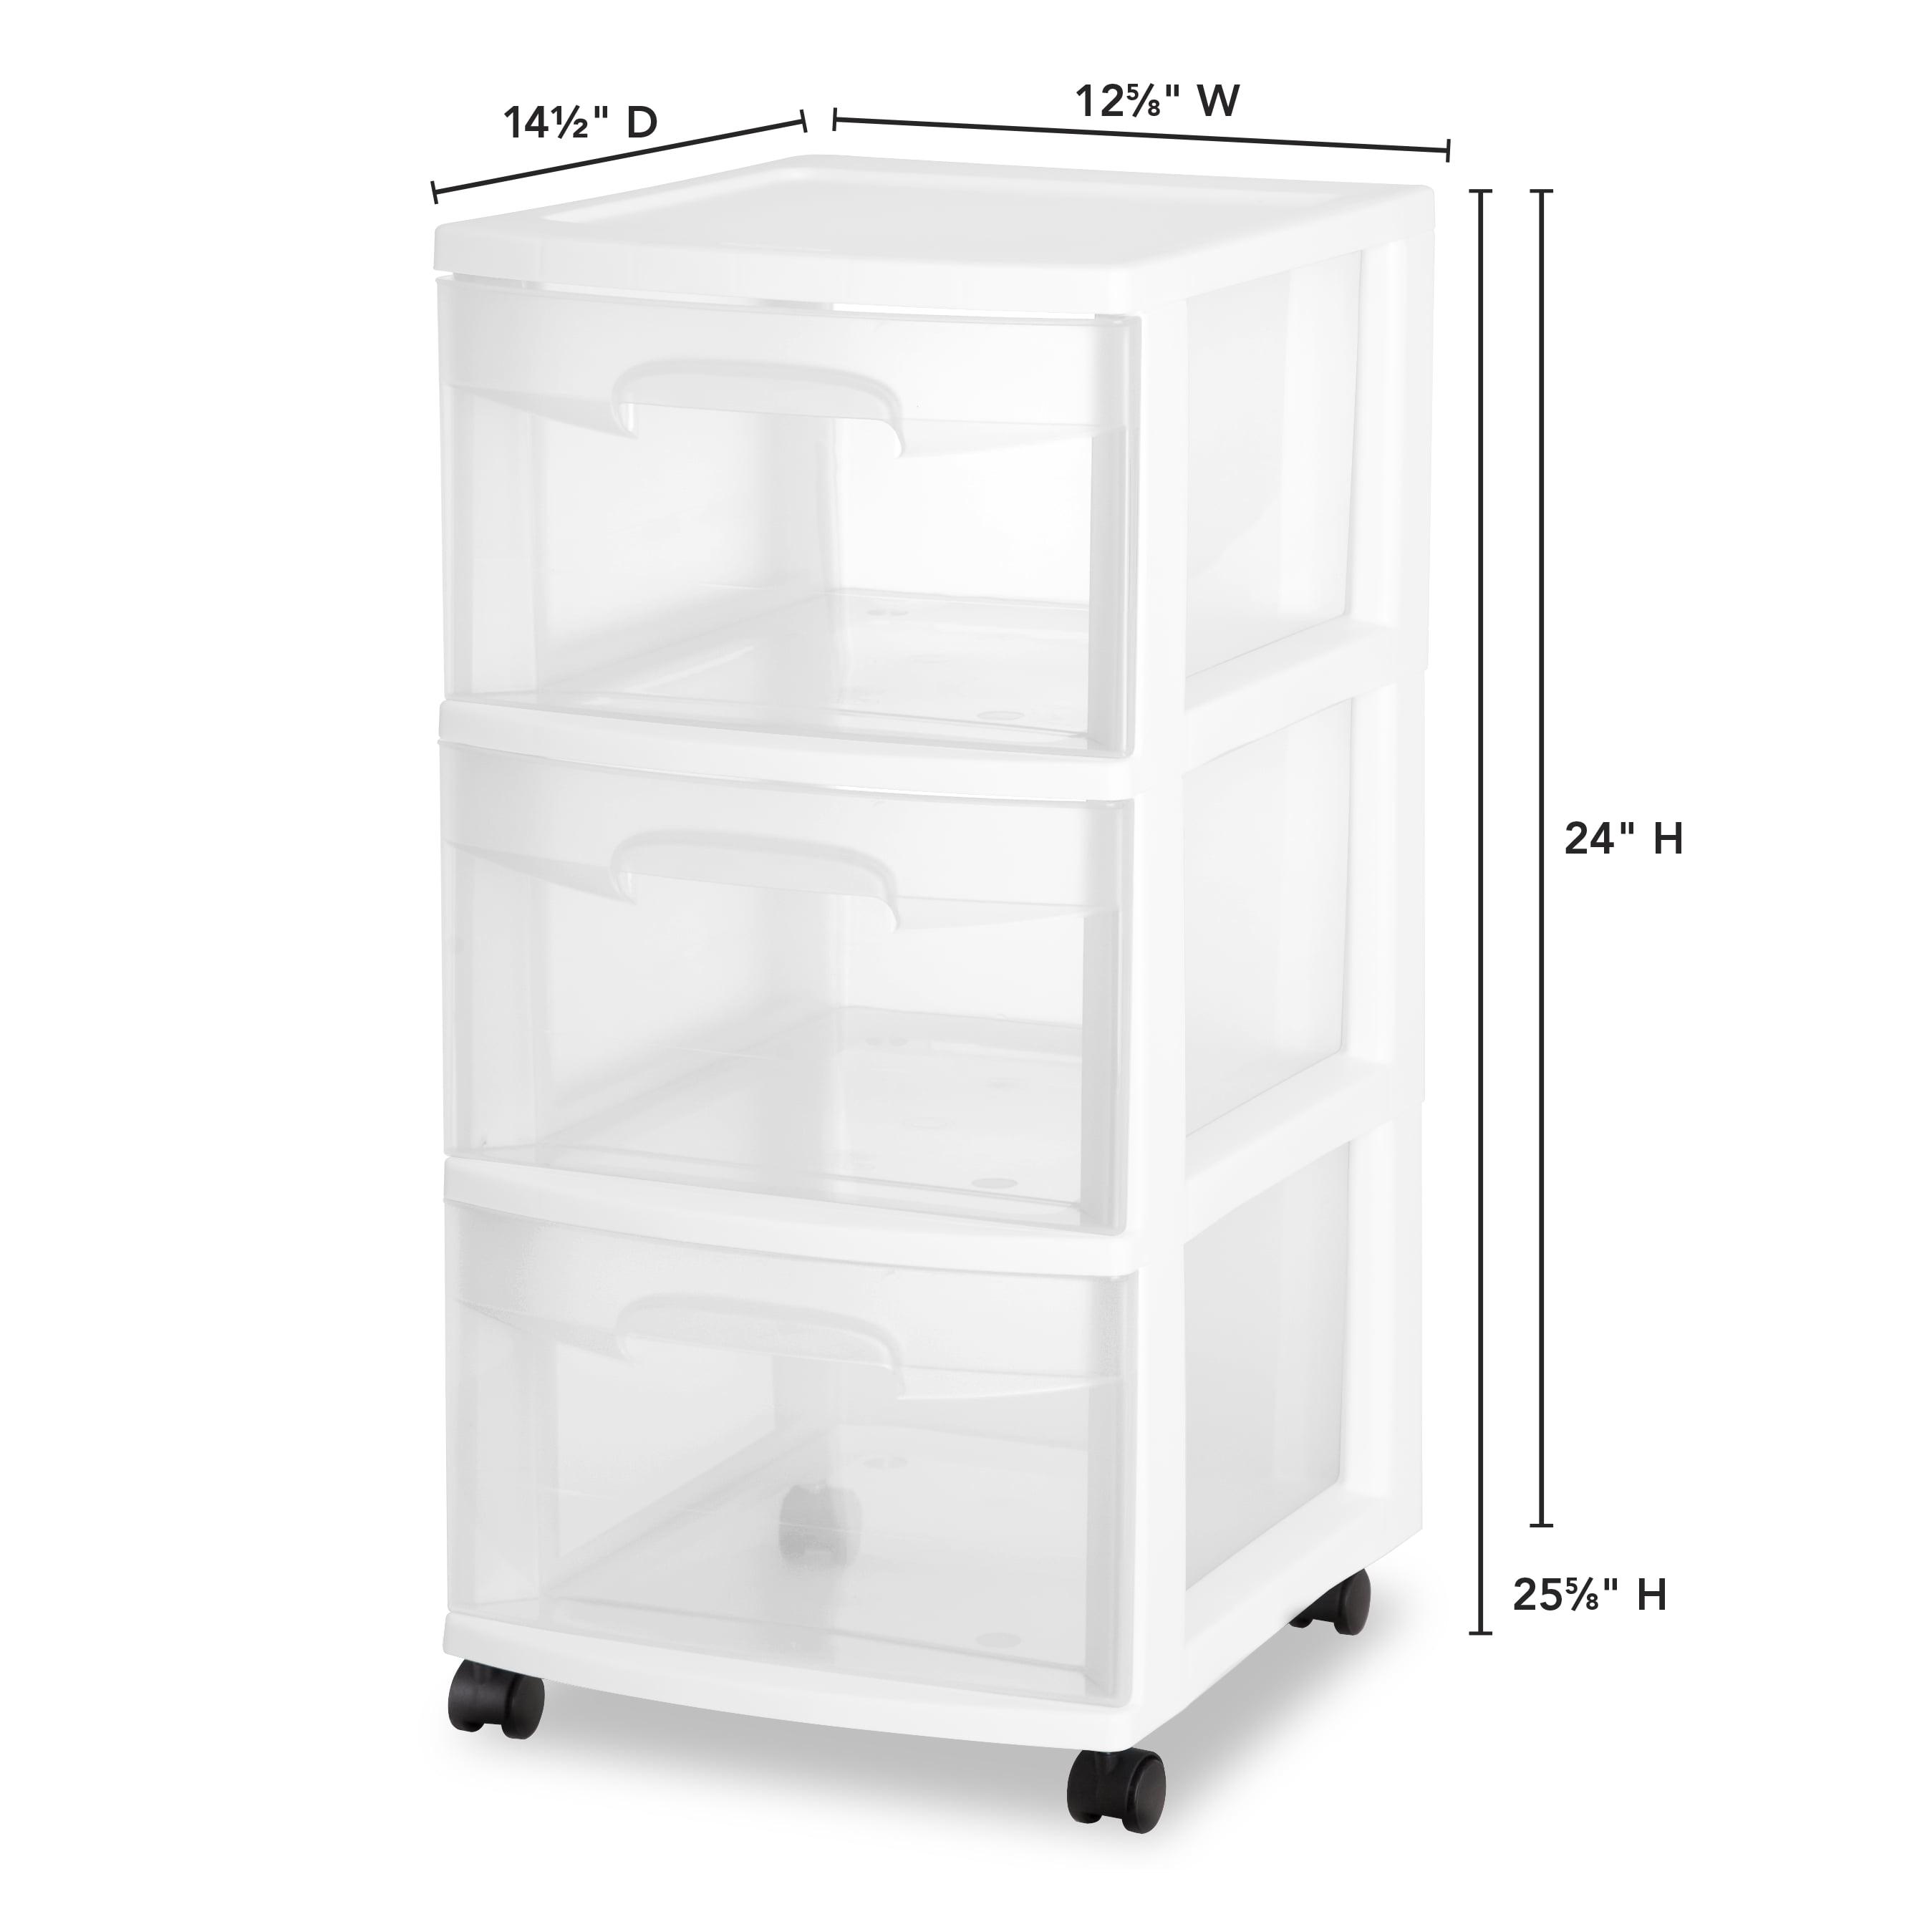 3 Drawer Rolling Organizer Storage Cart Bin Container Set